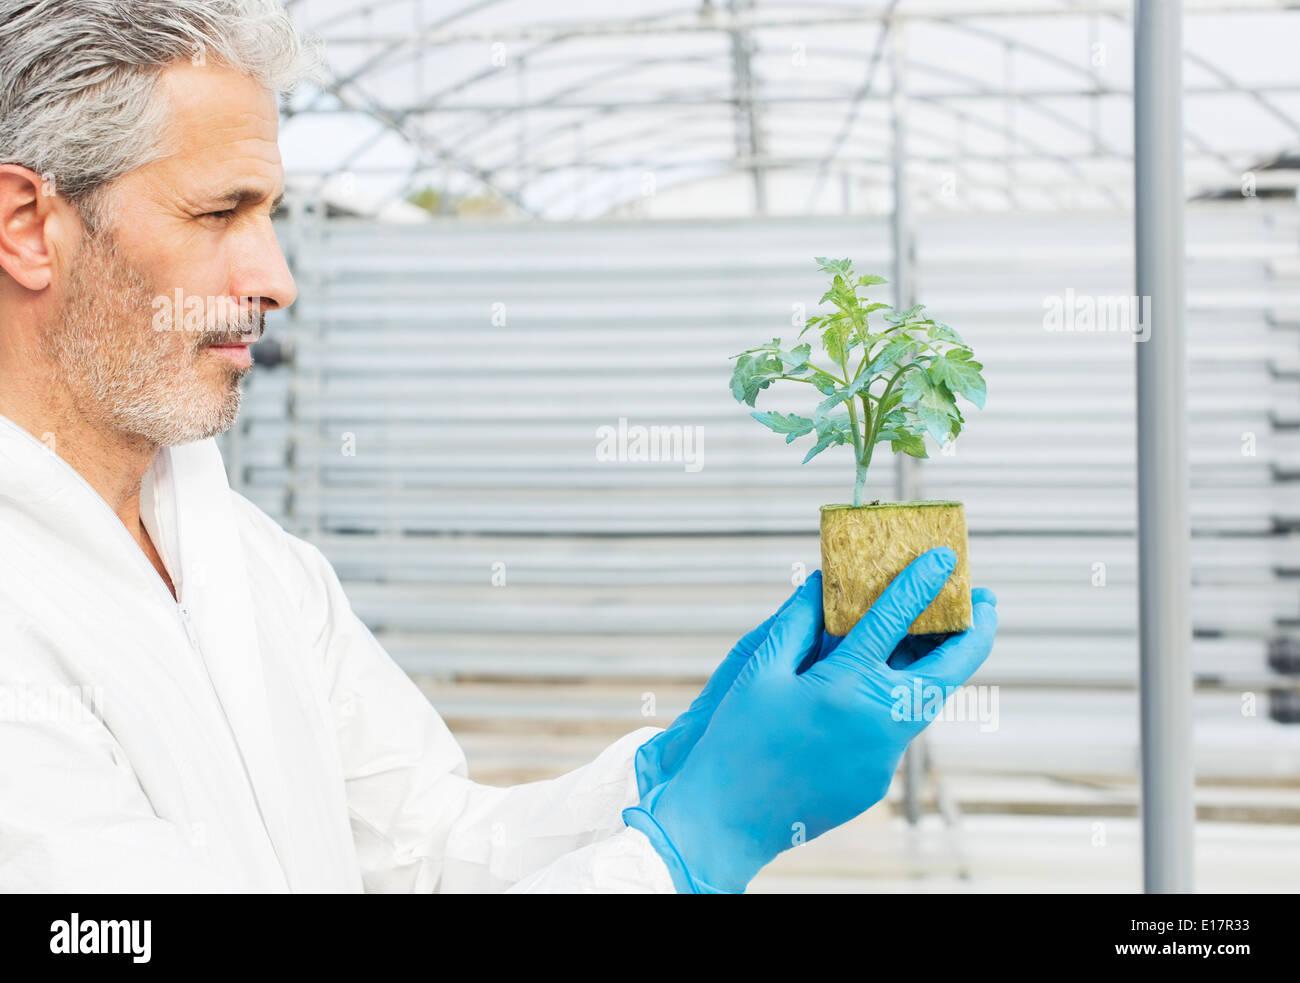 La celebración de planta en invernadero botánico Imagen De Stock